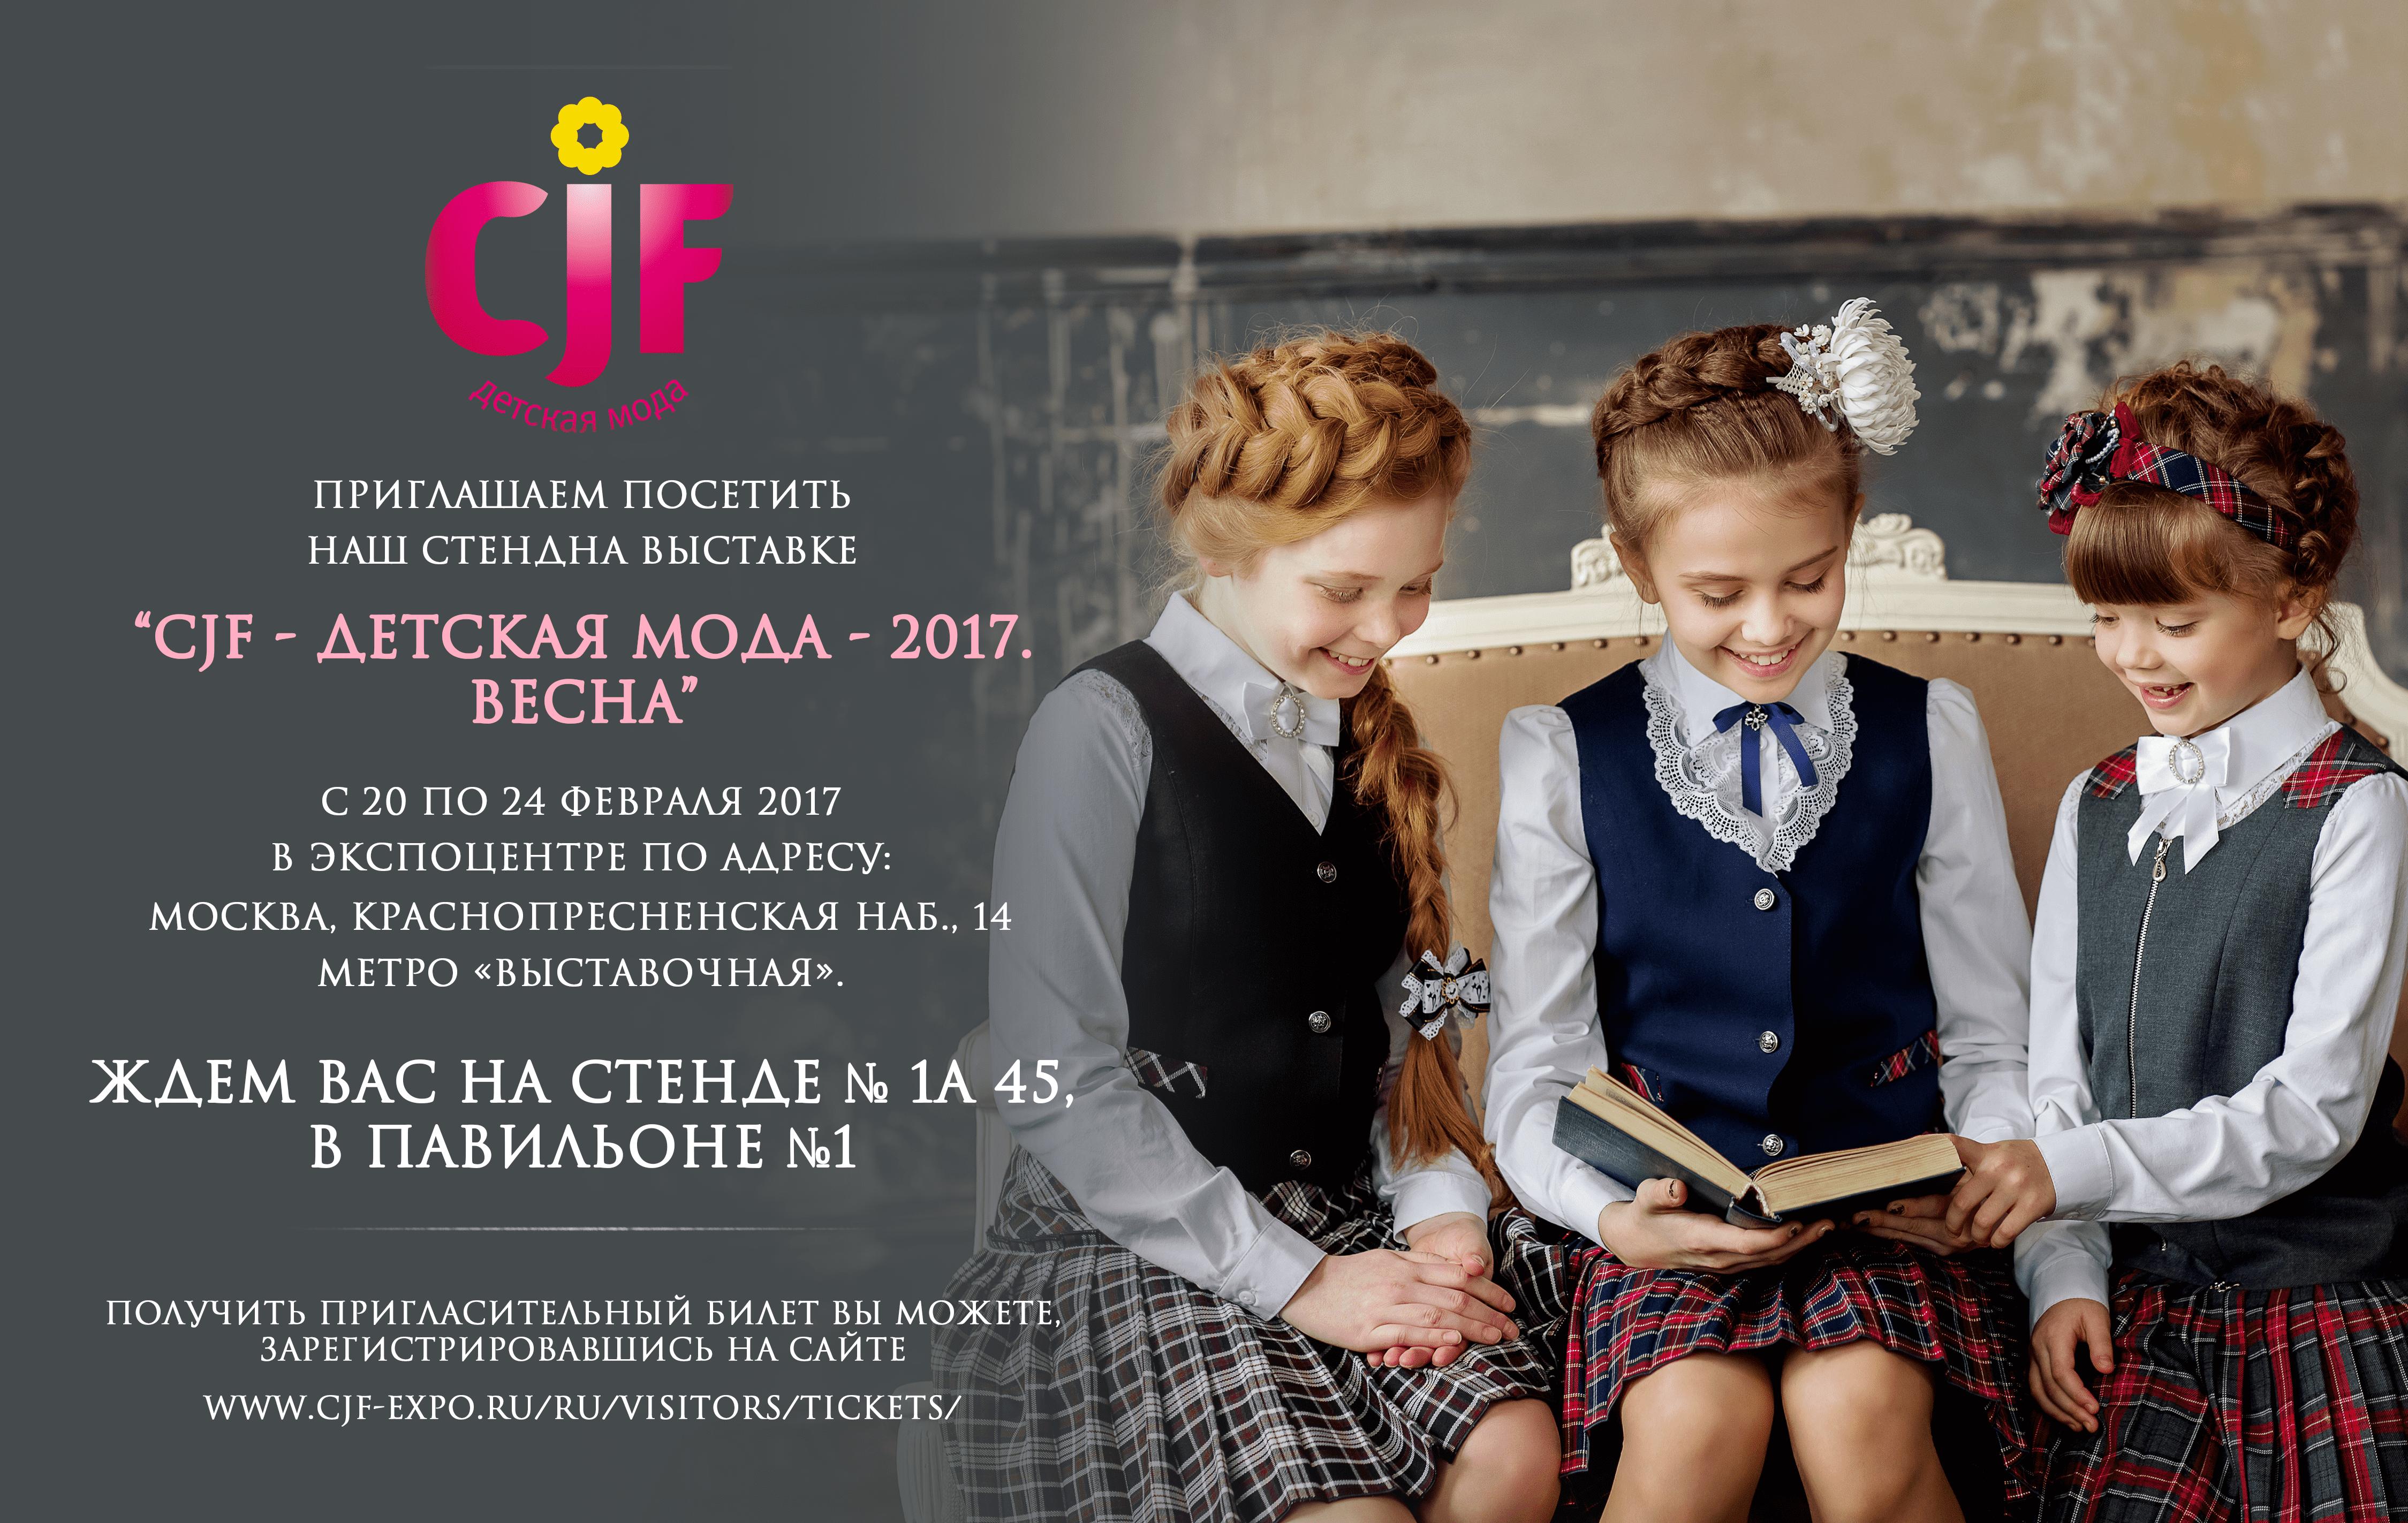 Приглашаем Вас посетить наш стенд на выставке «CJF - ДЕТСКАЯ МОДА» с 20 по 24 февраля!